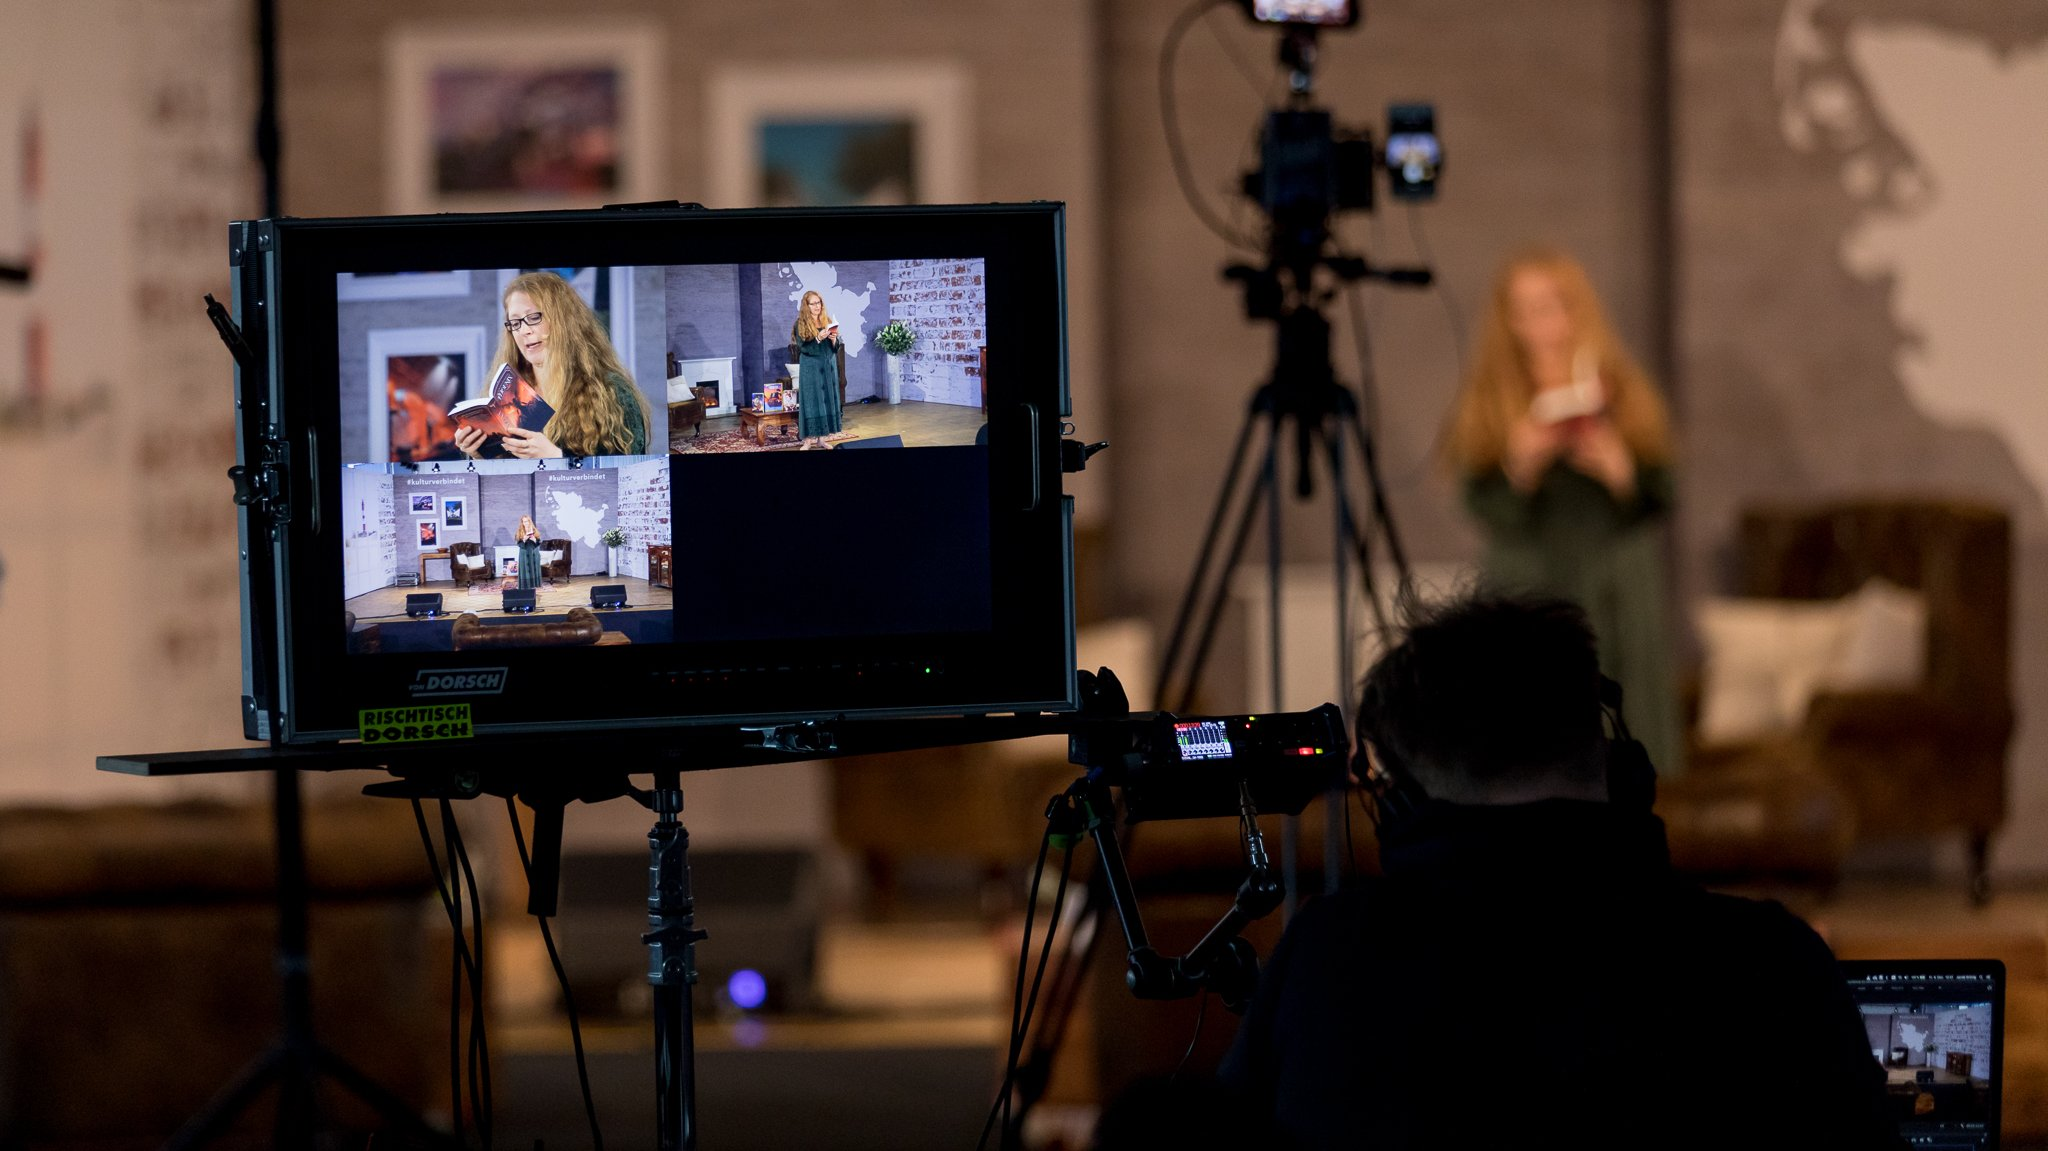 Studioaufnahmen werden im Kulturfestival-Wohnzimmer aufgenommen. Zu sehen ist Ann-Kathrin Karschnick bei ihrer Lesung